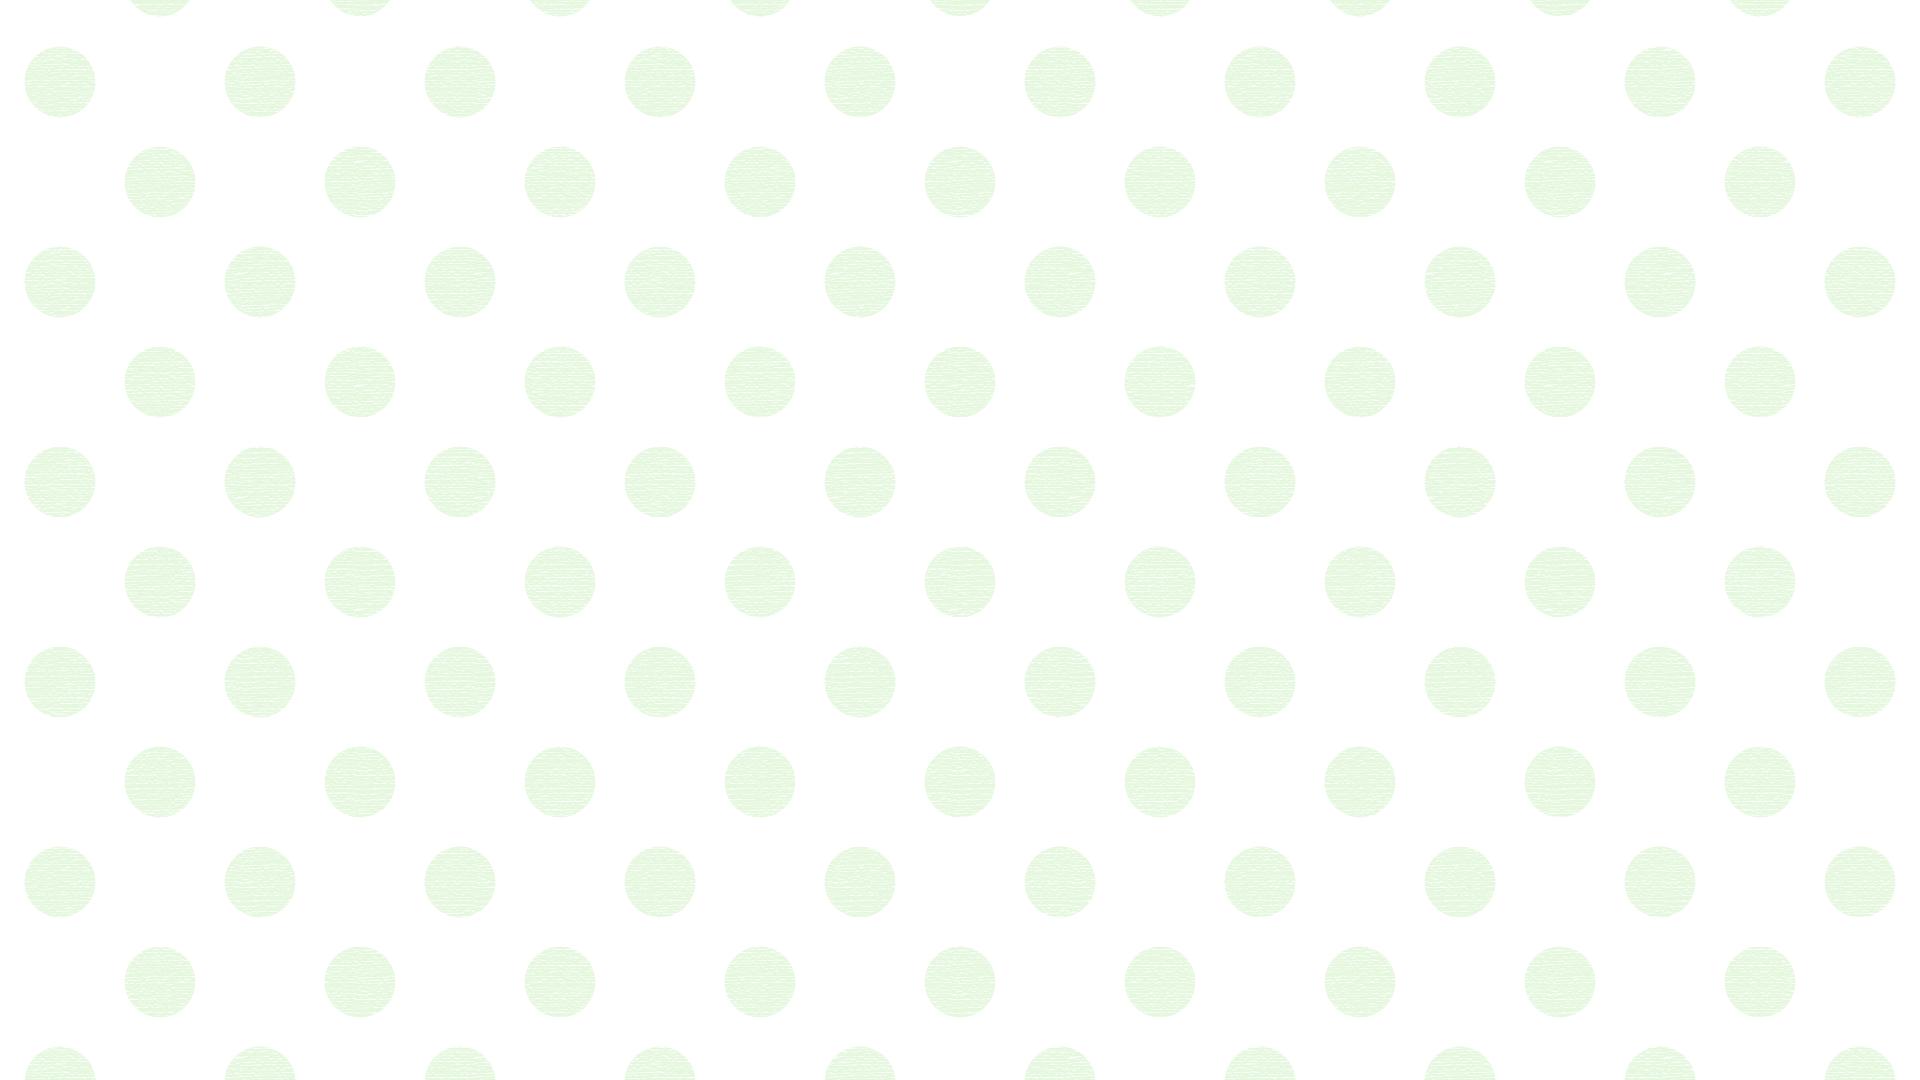 ドット模様1_green